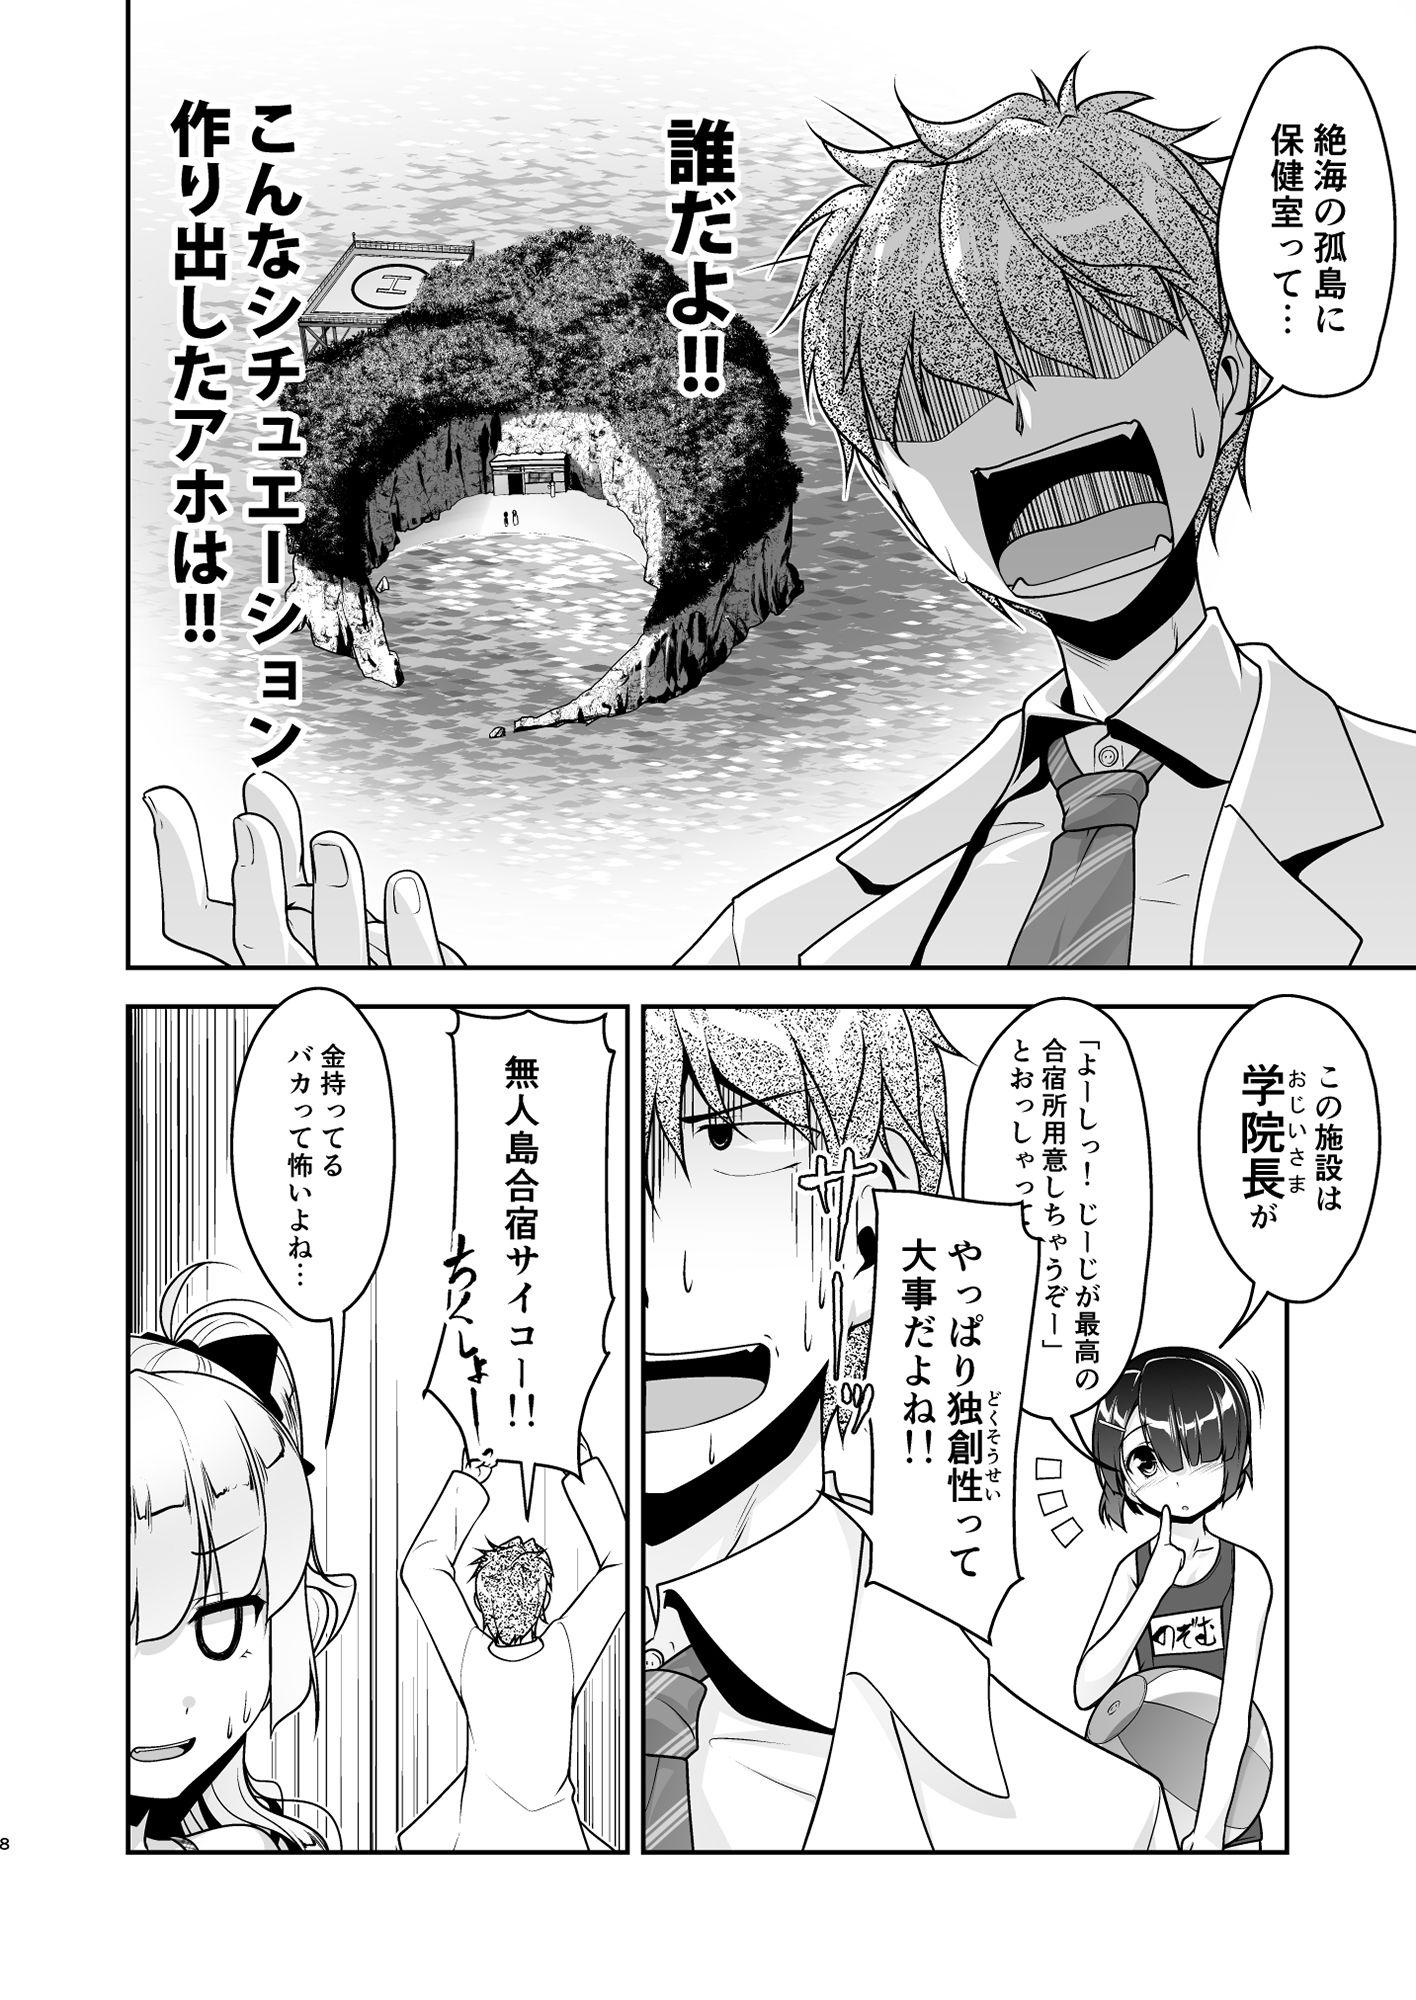 【High-Spirit 同人】保健室のJKさん4